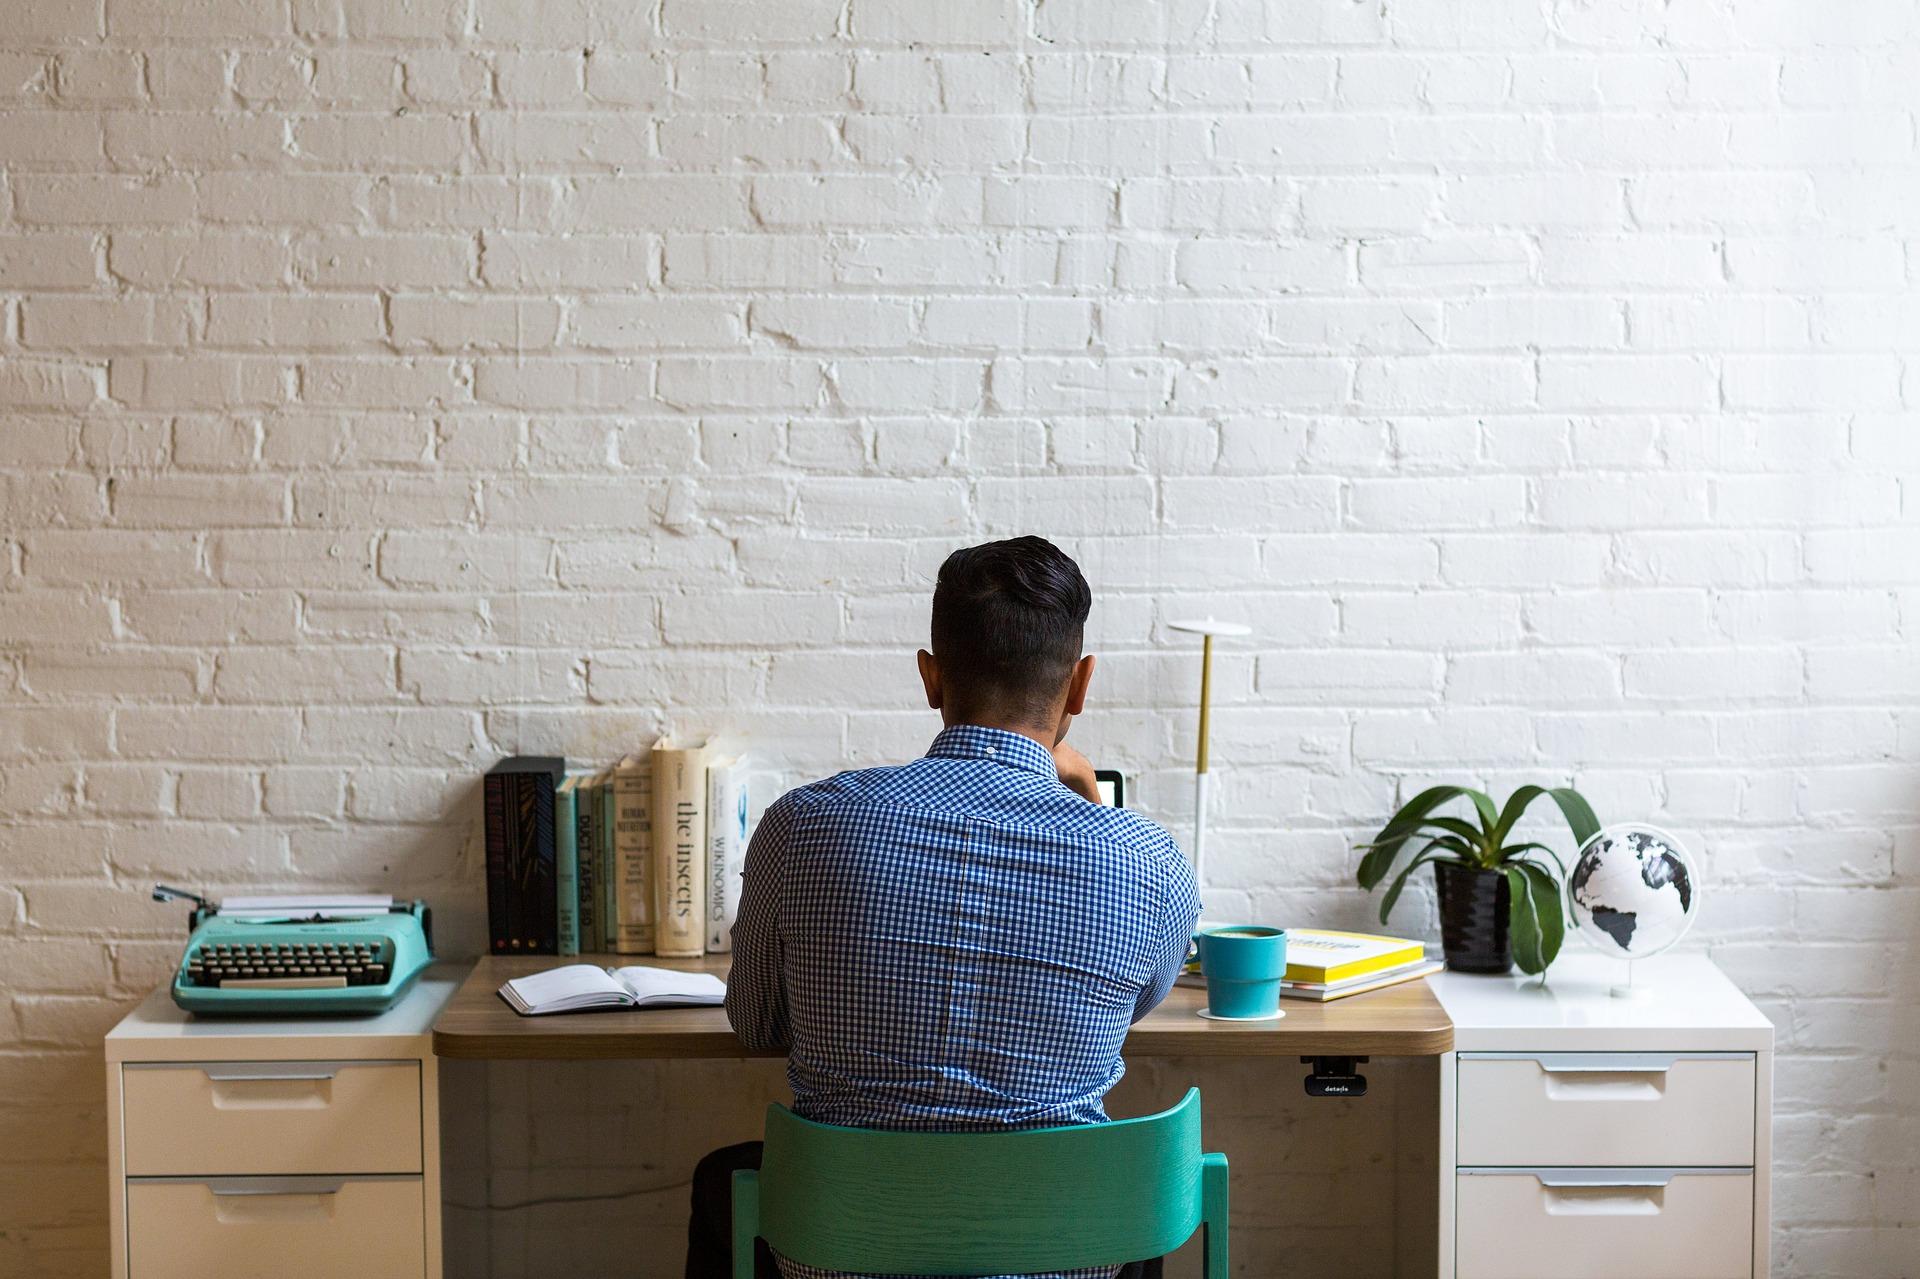 Prebacili ste poslovanje i komuniciranje s klijentima online?